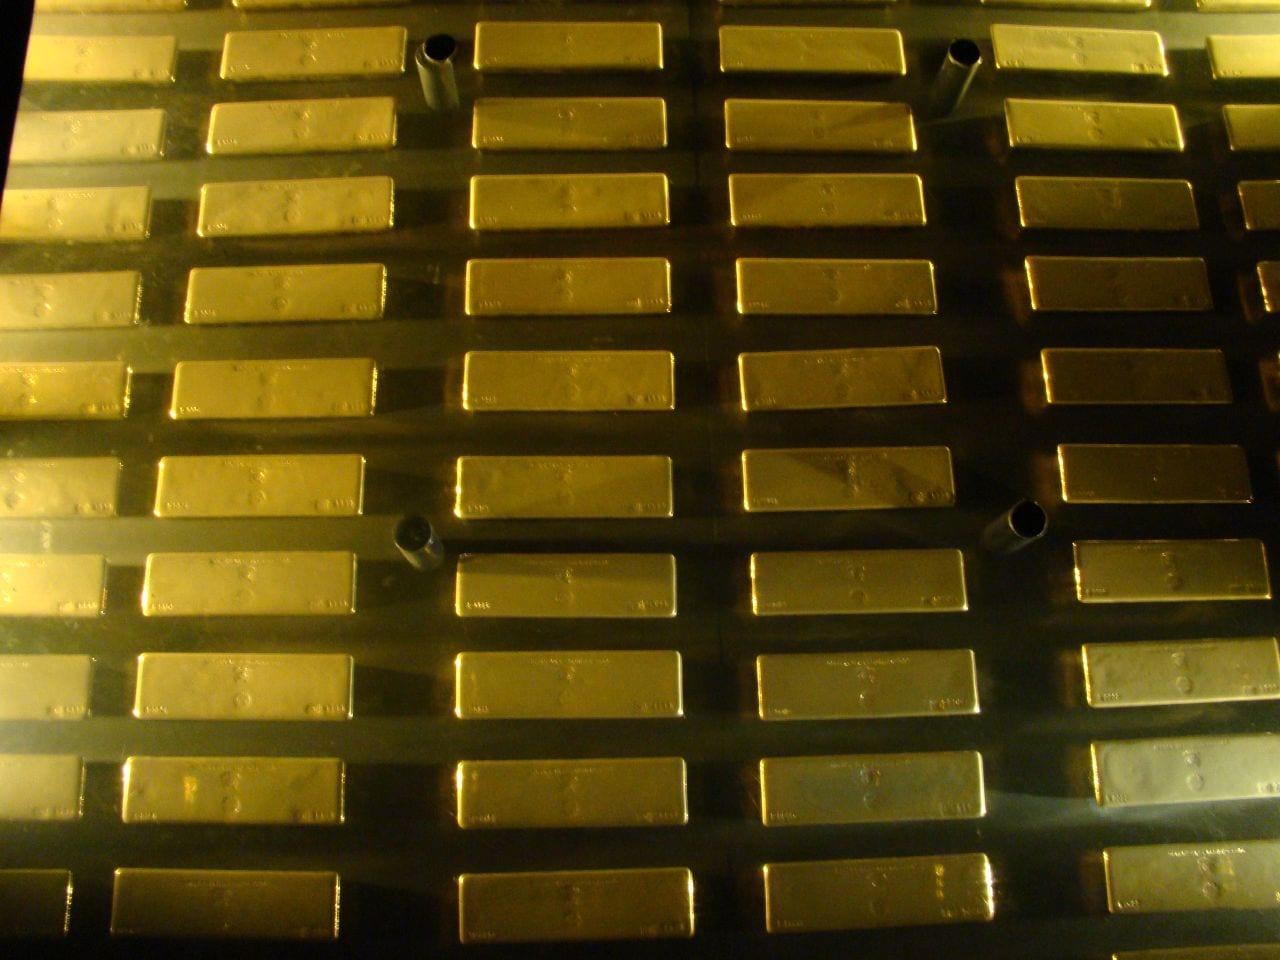 [Gold bars]